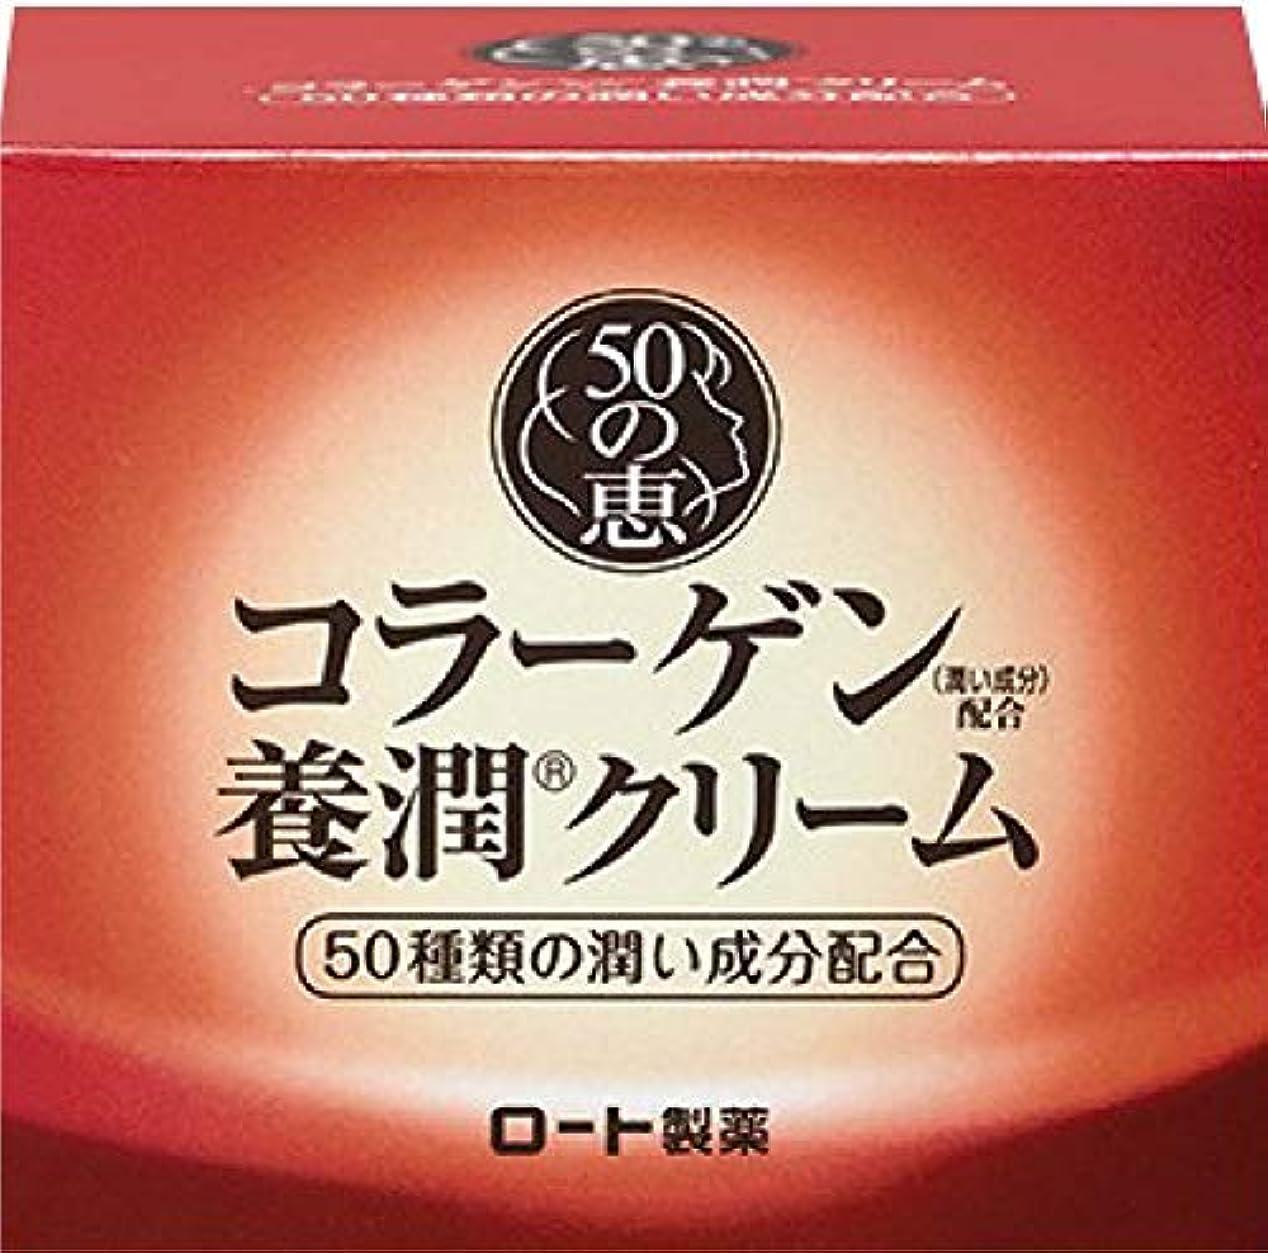 収束する黙認するフレキシブルロート製薬 50の恵エイジングケア 養潤成分50種類配合 クリーム 90g